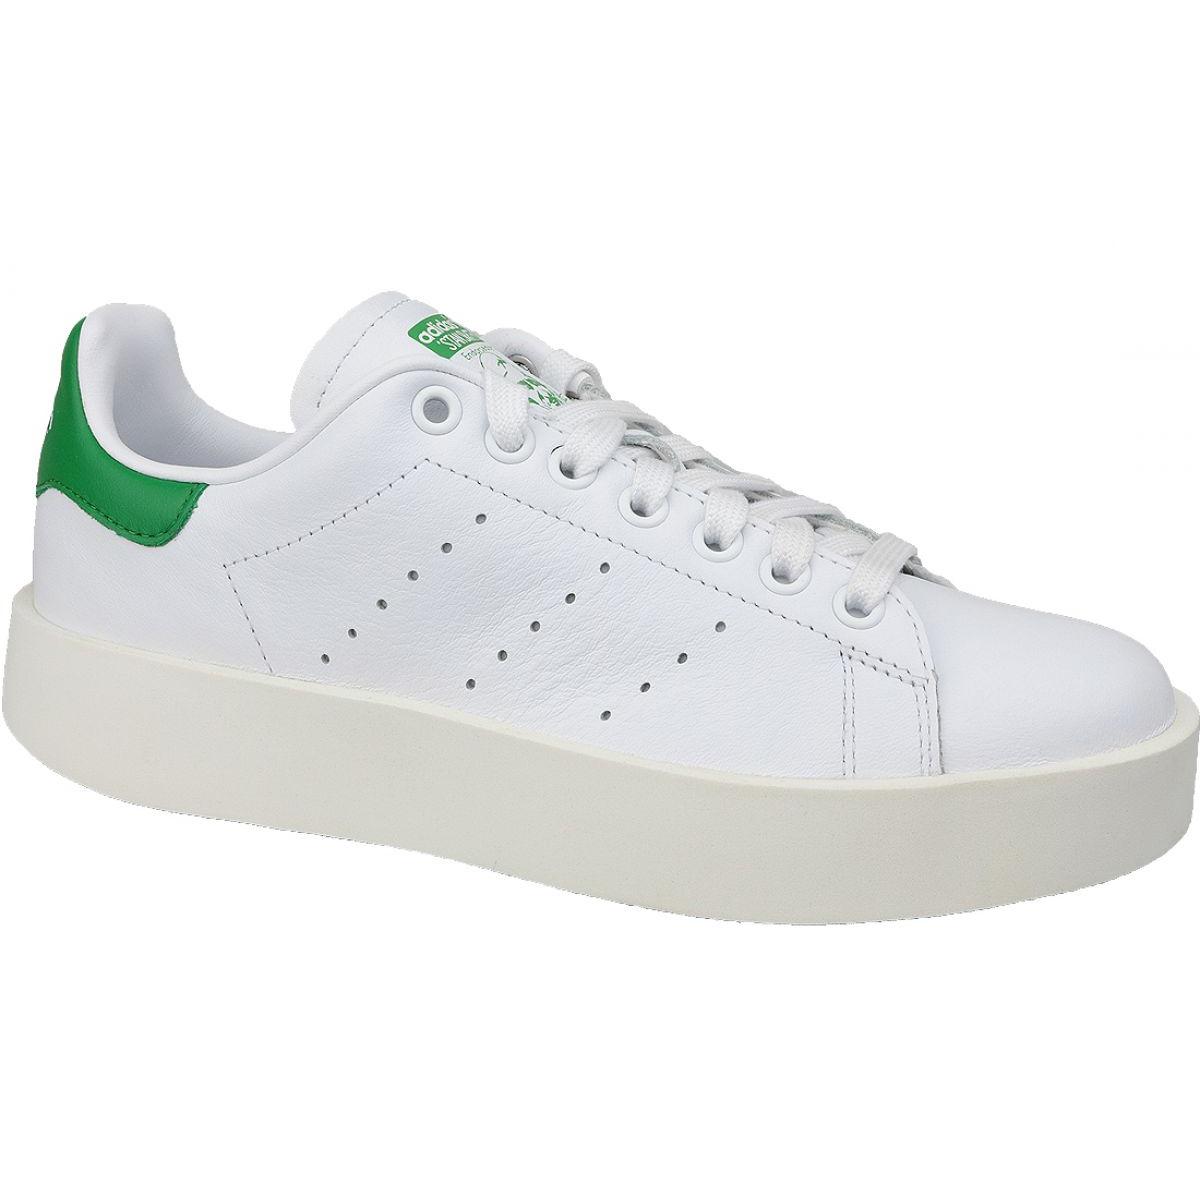 buty sportowe Adidas Superstar Bounce BY1589, dziecięce, Białe